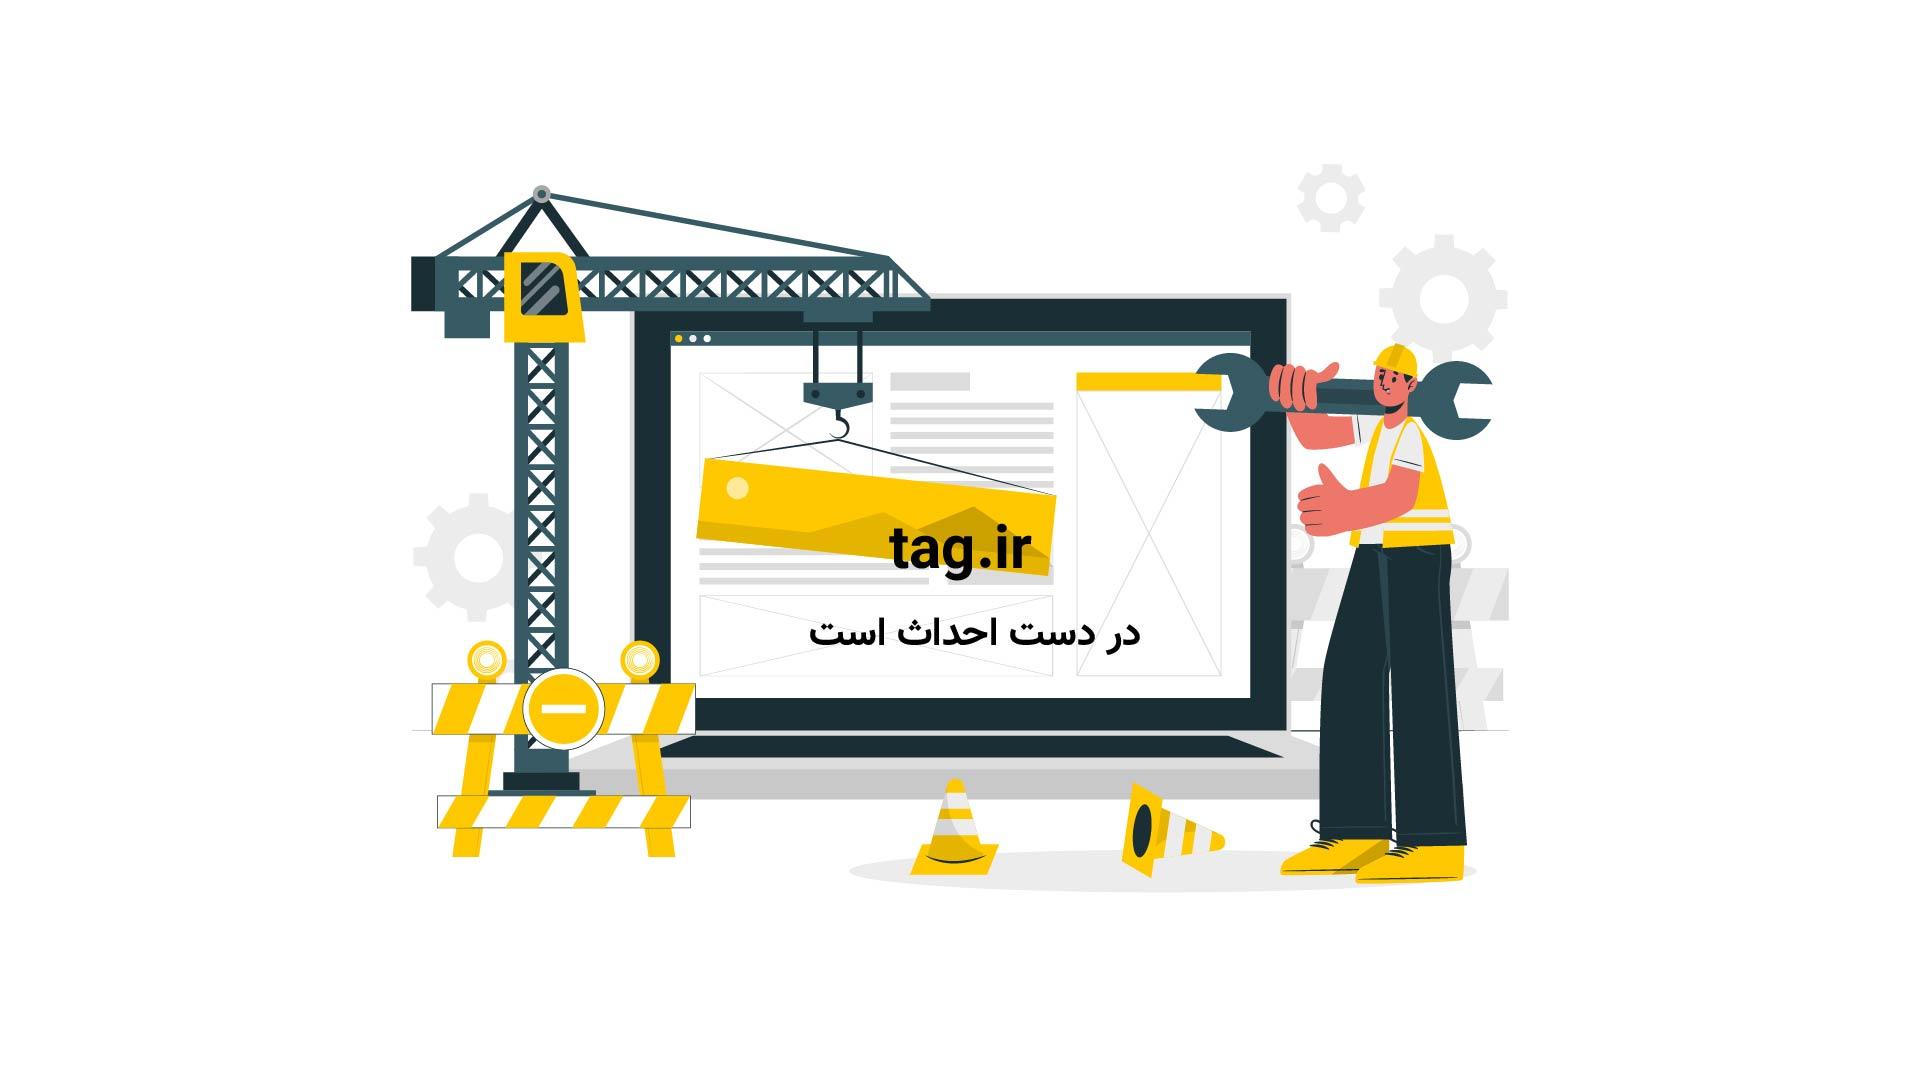 آموزش رسم سه بعدی روح بر روی کاغذ | فیلم